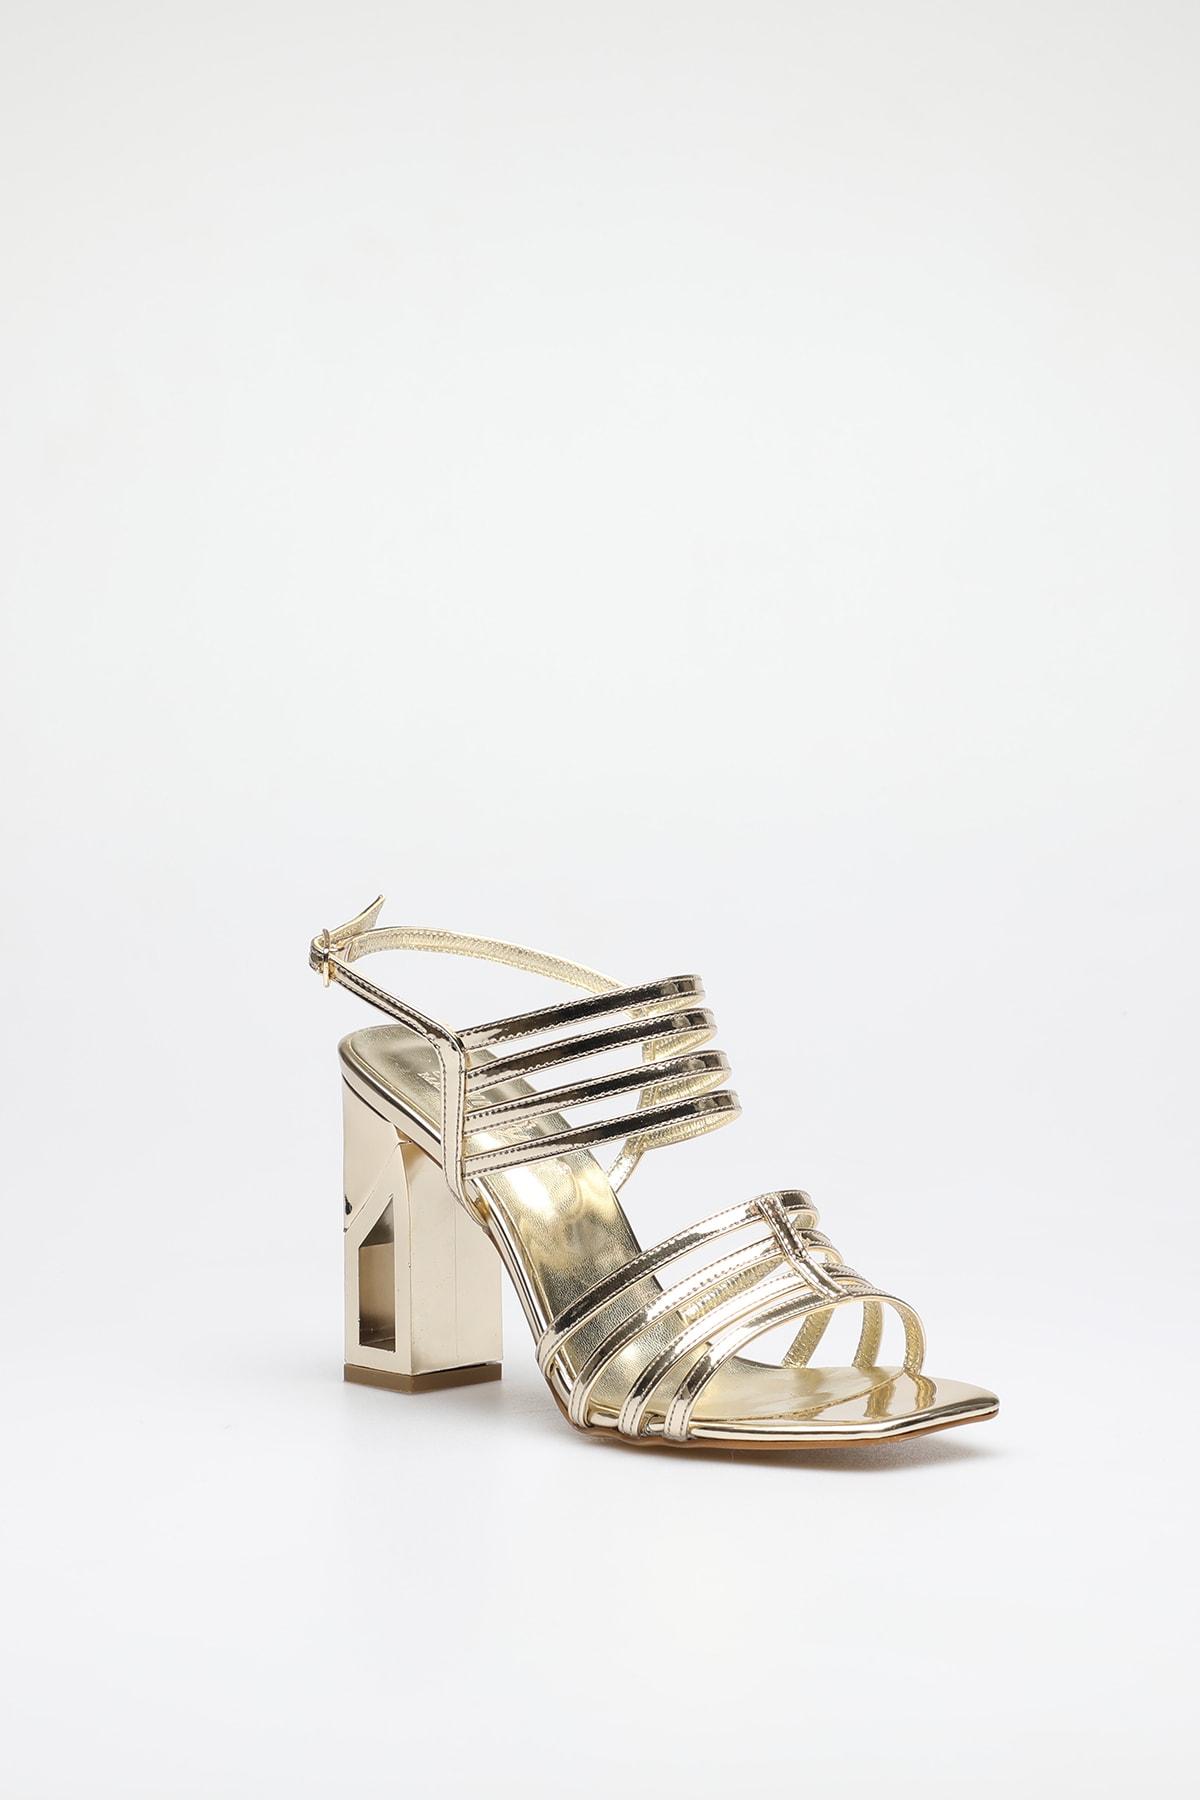 ALTINAYAK Altın Kadın Abiye Ayakkabı 339.002001 2